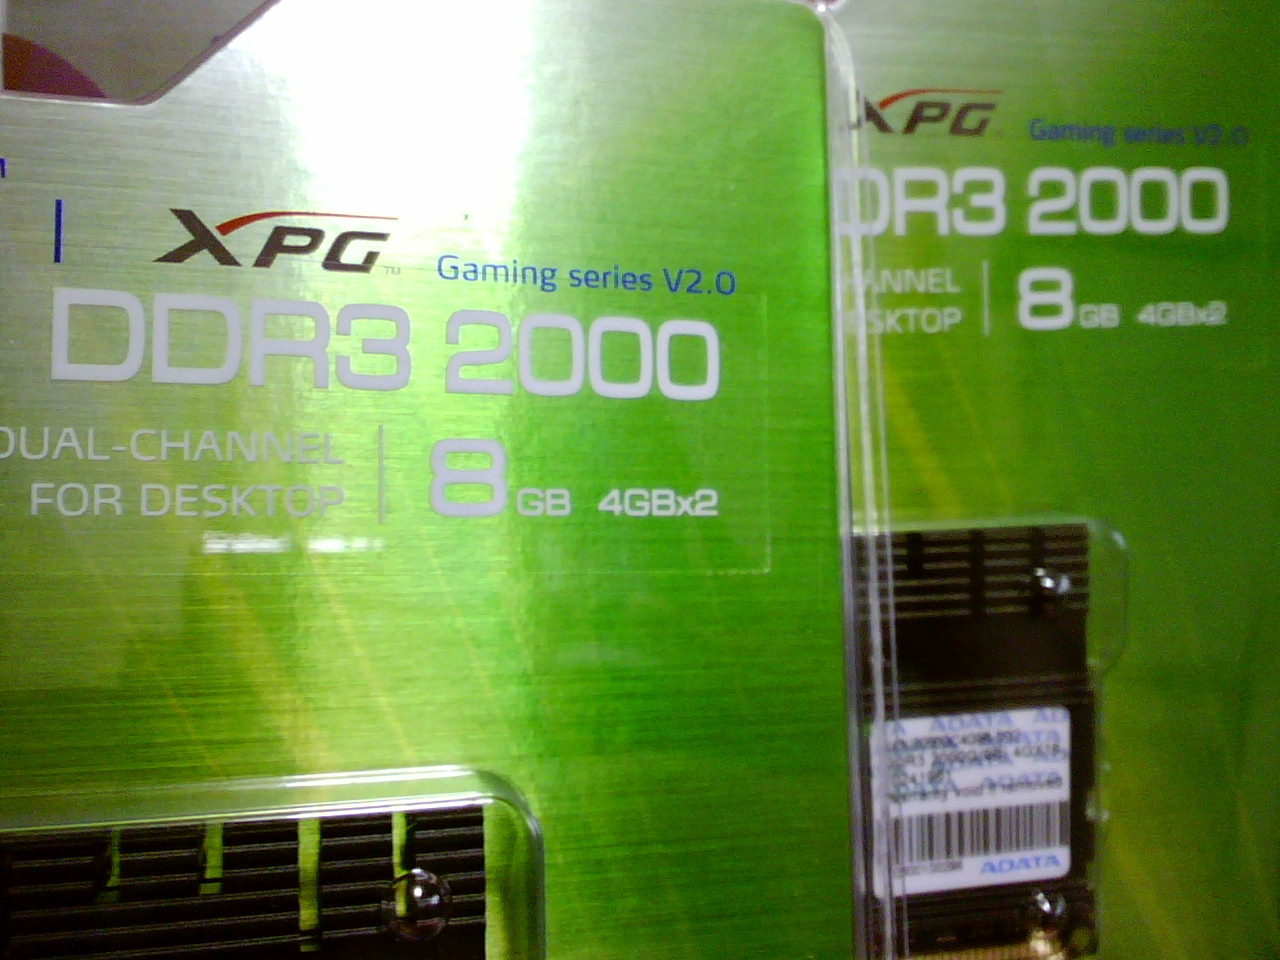 ddr3-2000 16gb